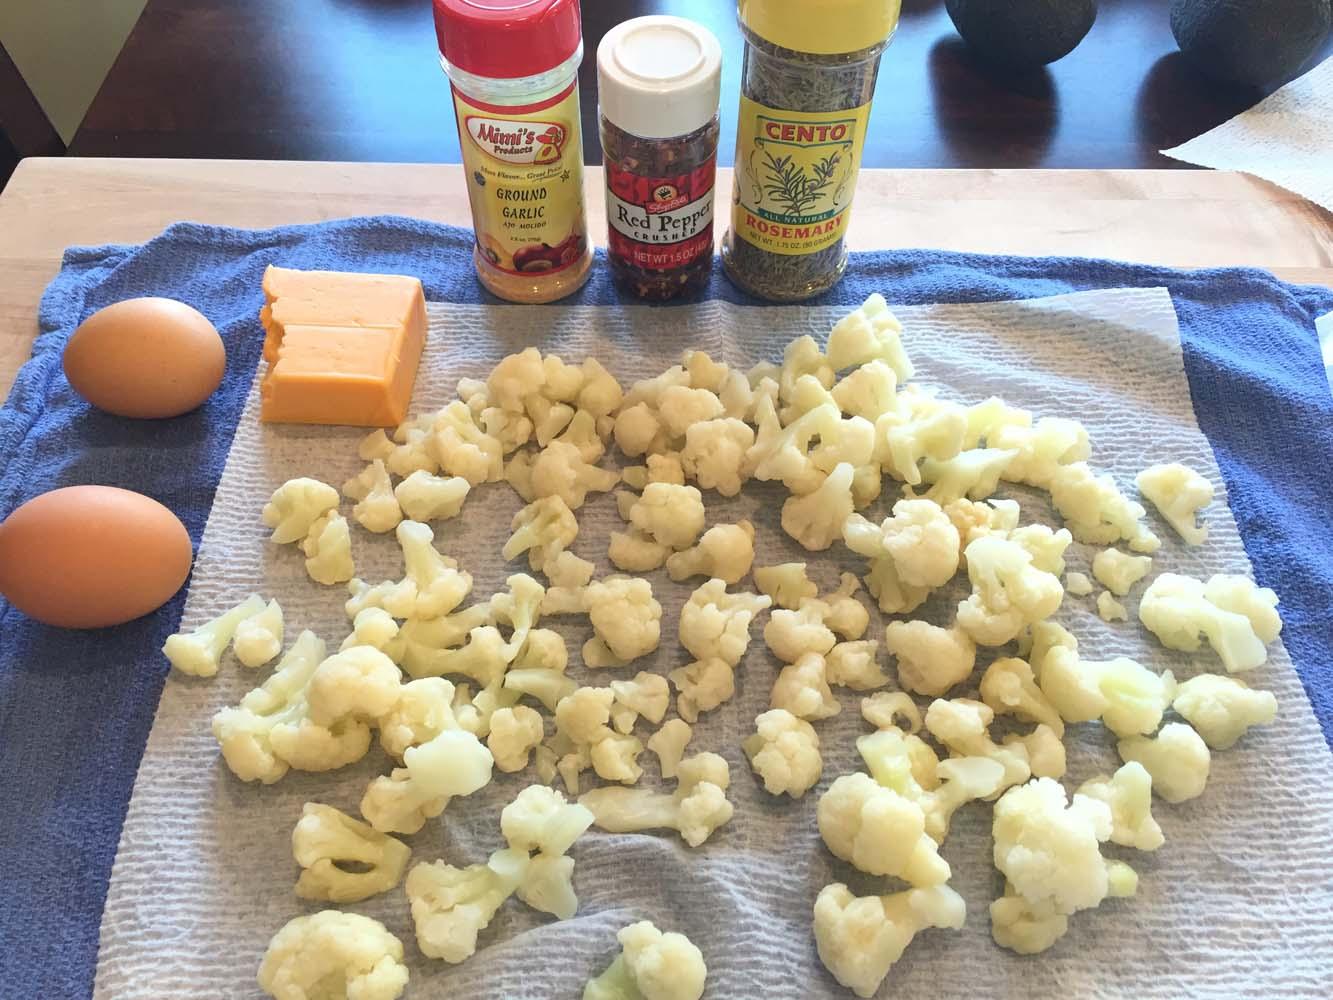 Cauliflower Crust Pizza Ingredients